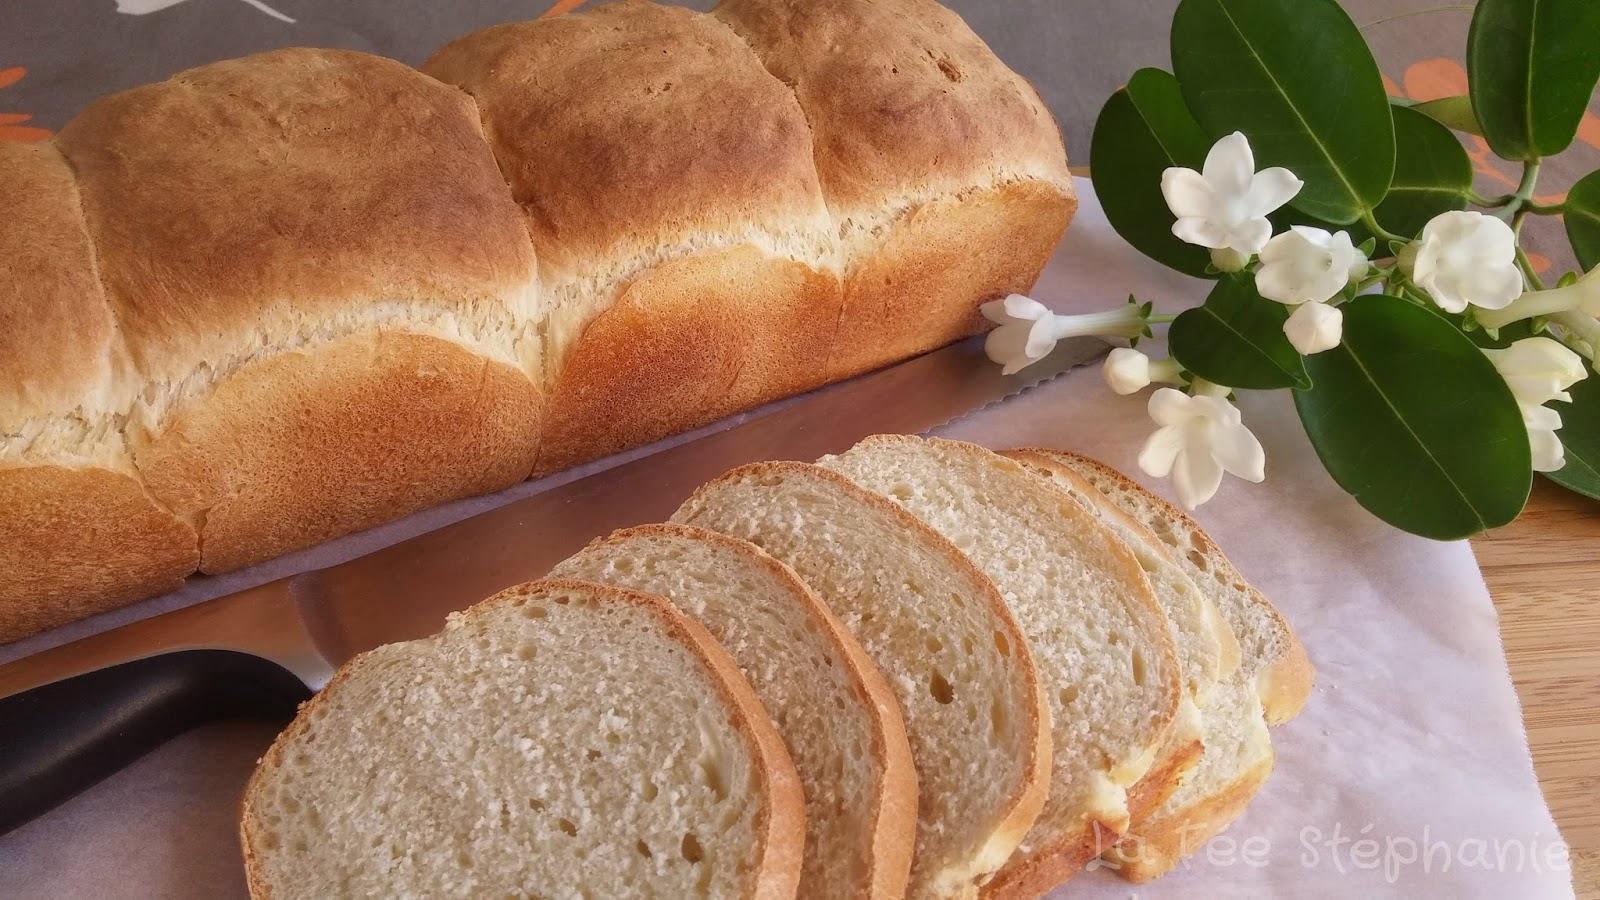 recette inratable du pain de mie fait maison la f e st phanie. Black Bedroom Furniture Sets. Home Design Ideas